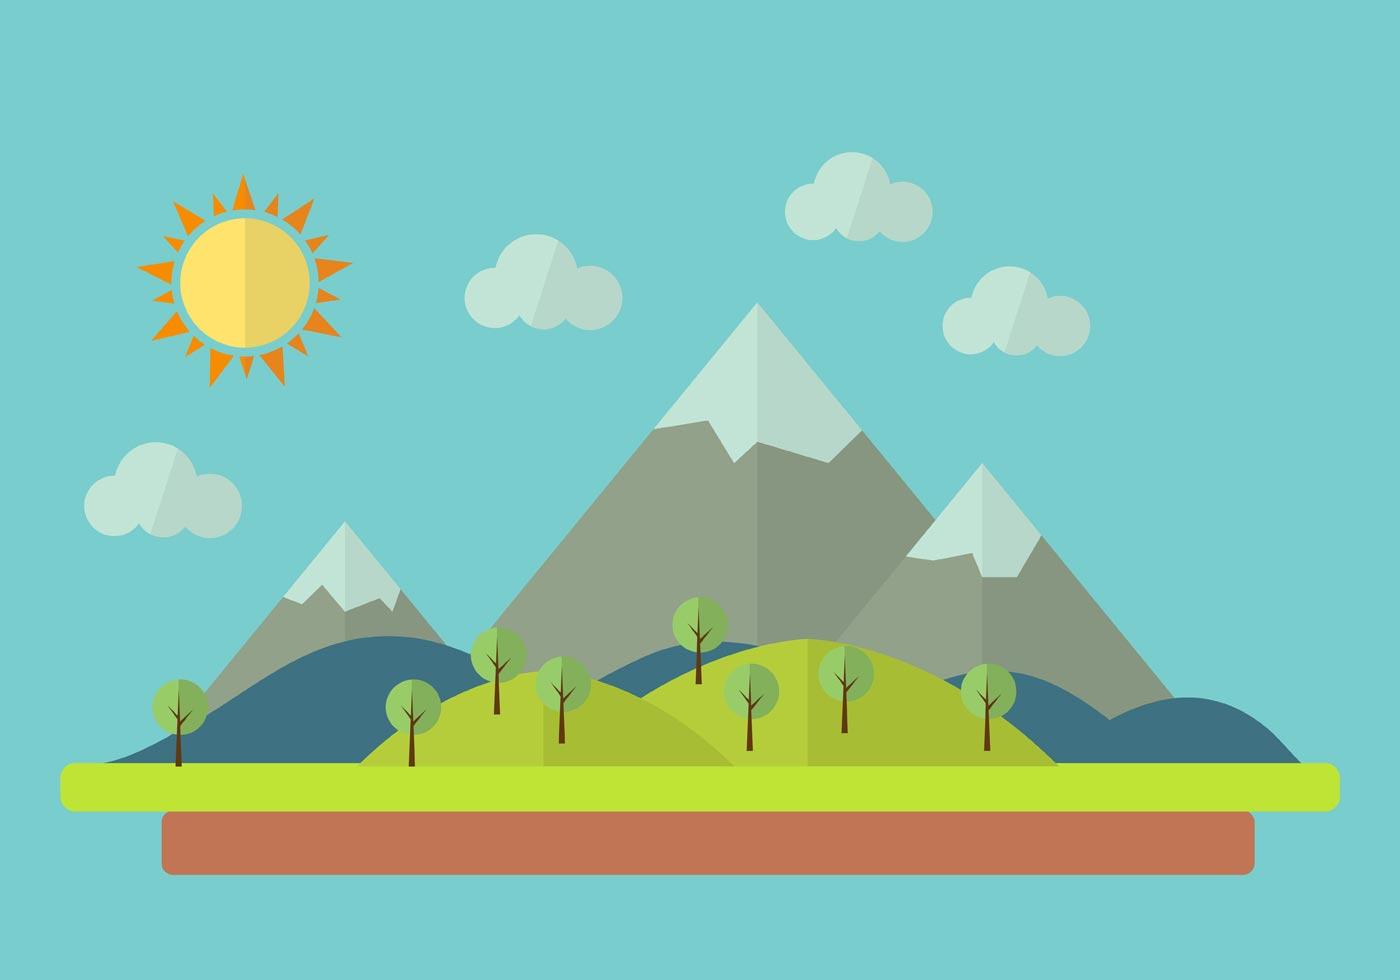 Landscape Illustration Vector Free: Vector Illustration Of Colorful Cartoon Landscape